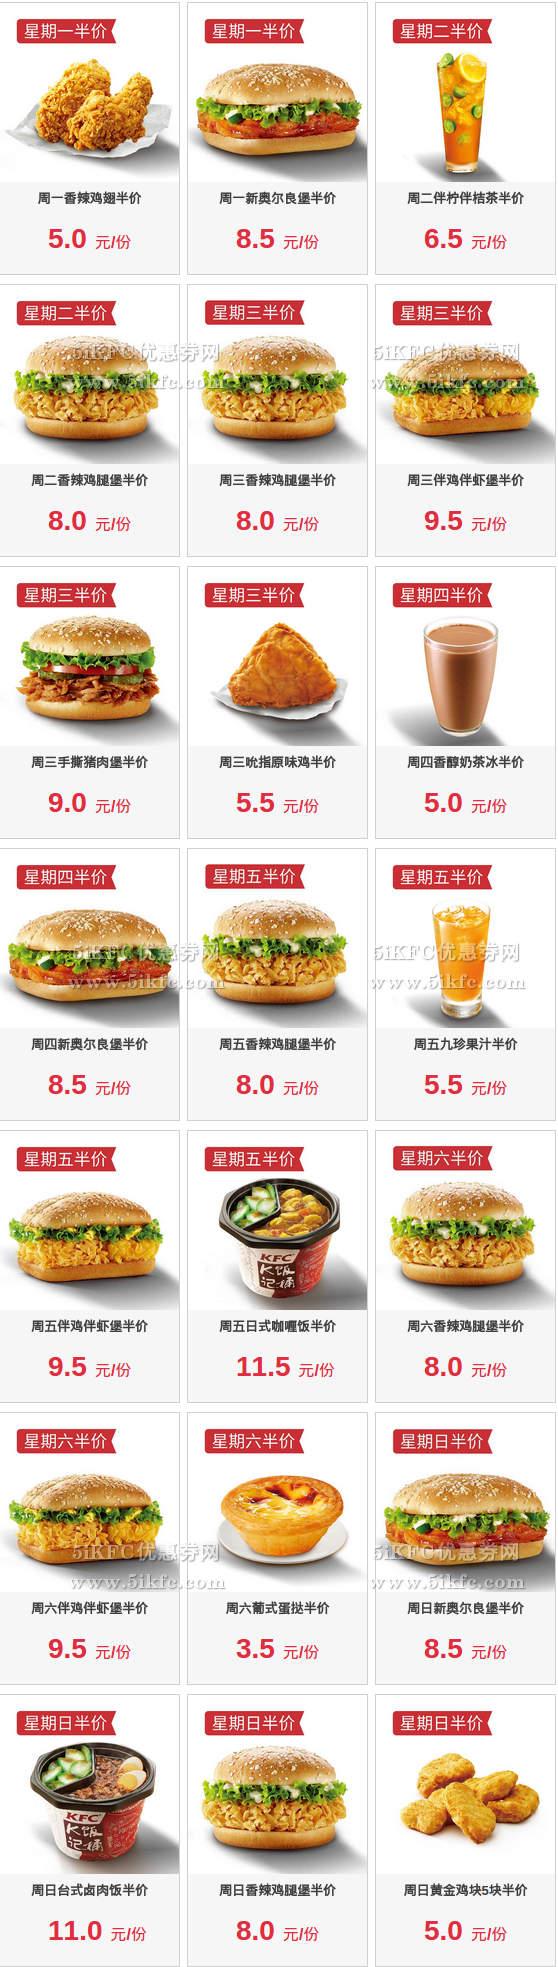 肯德基網上訂餐天天半價菜單及價格